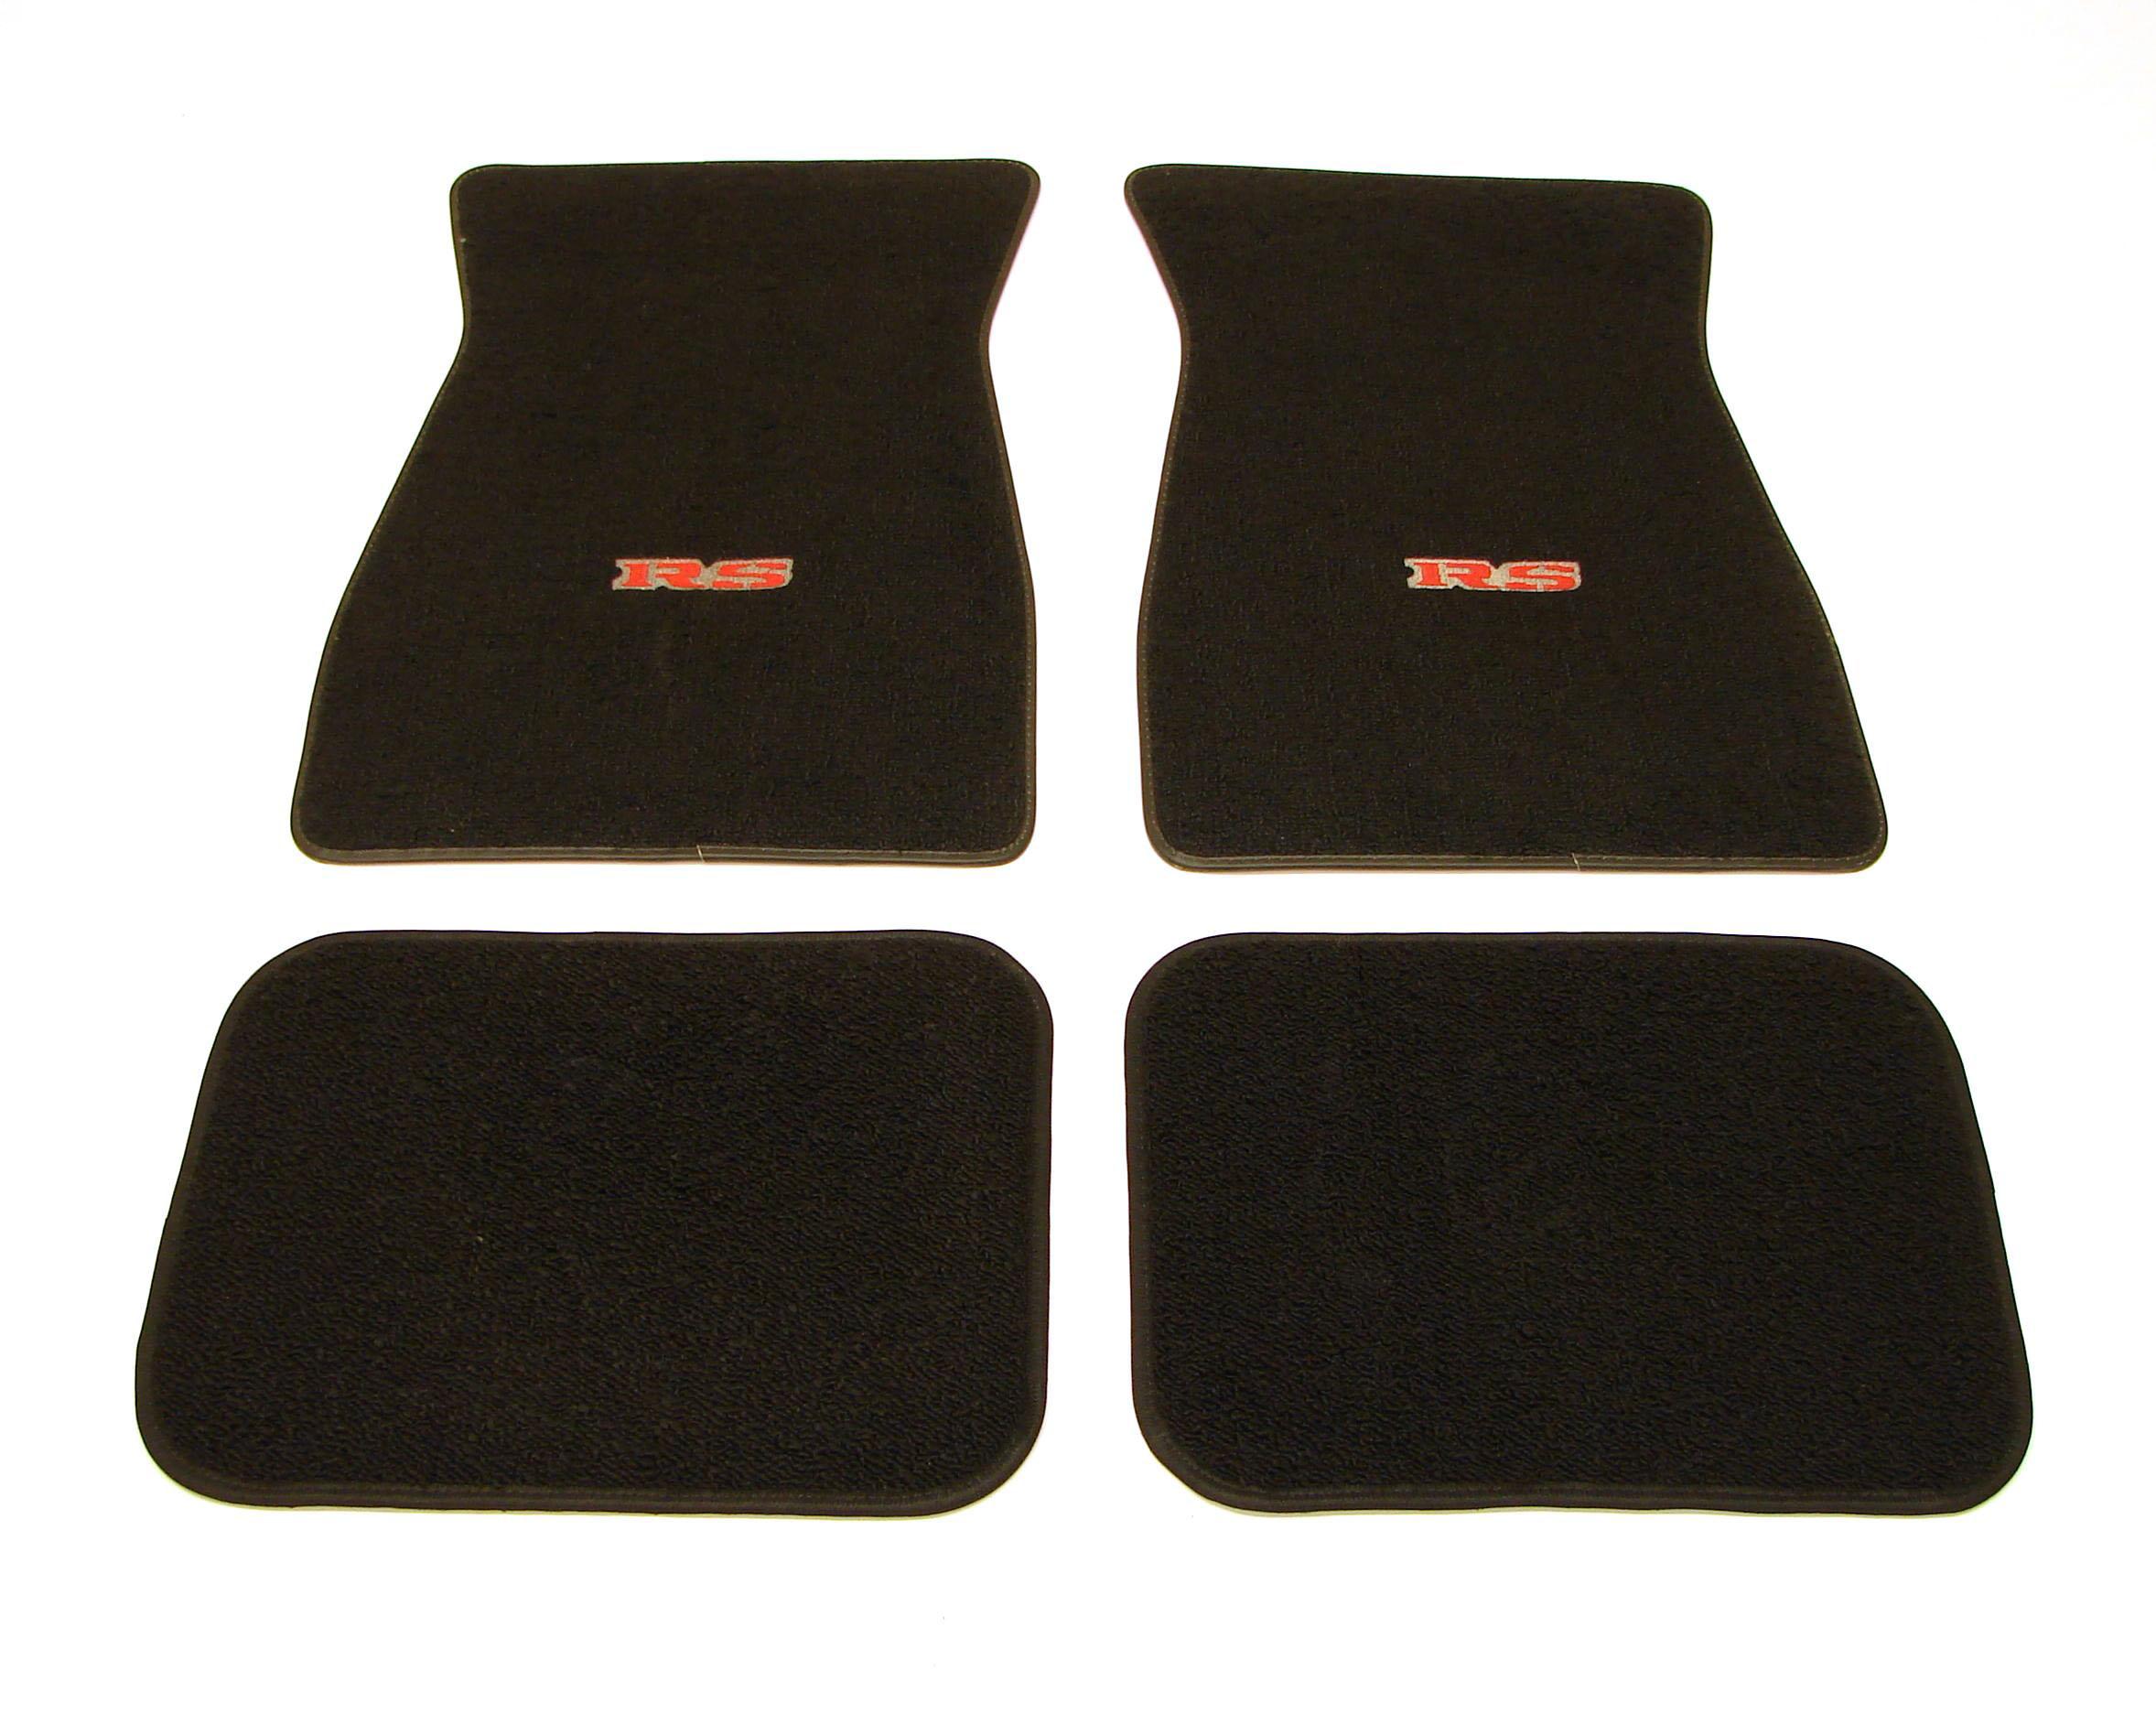 1967 1968 1969 camaro floor mats w rs logo black ebay for 1969 camaro floor mats